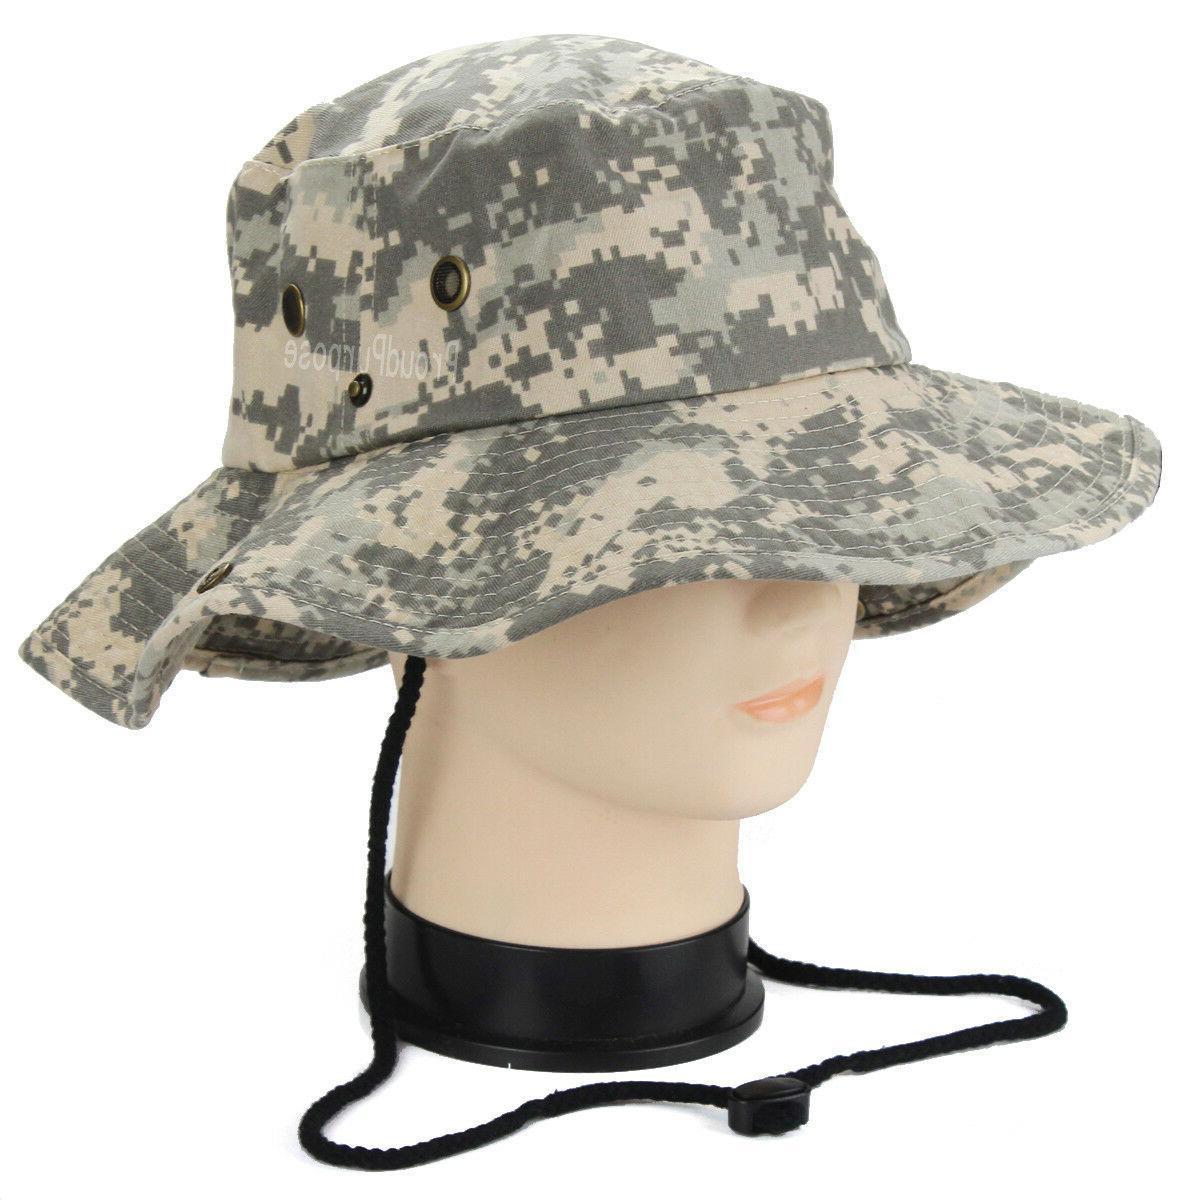 Mens Boonie Bucket Brim Camo Cotton Safari Military